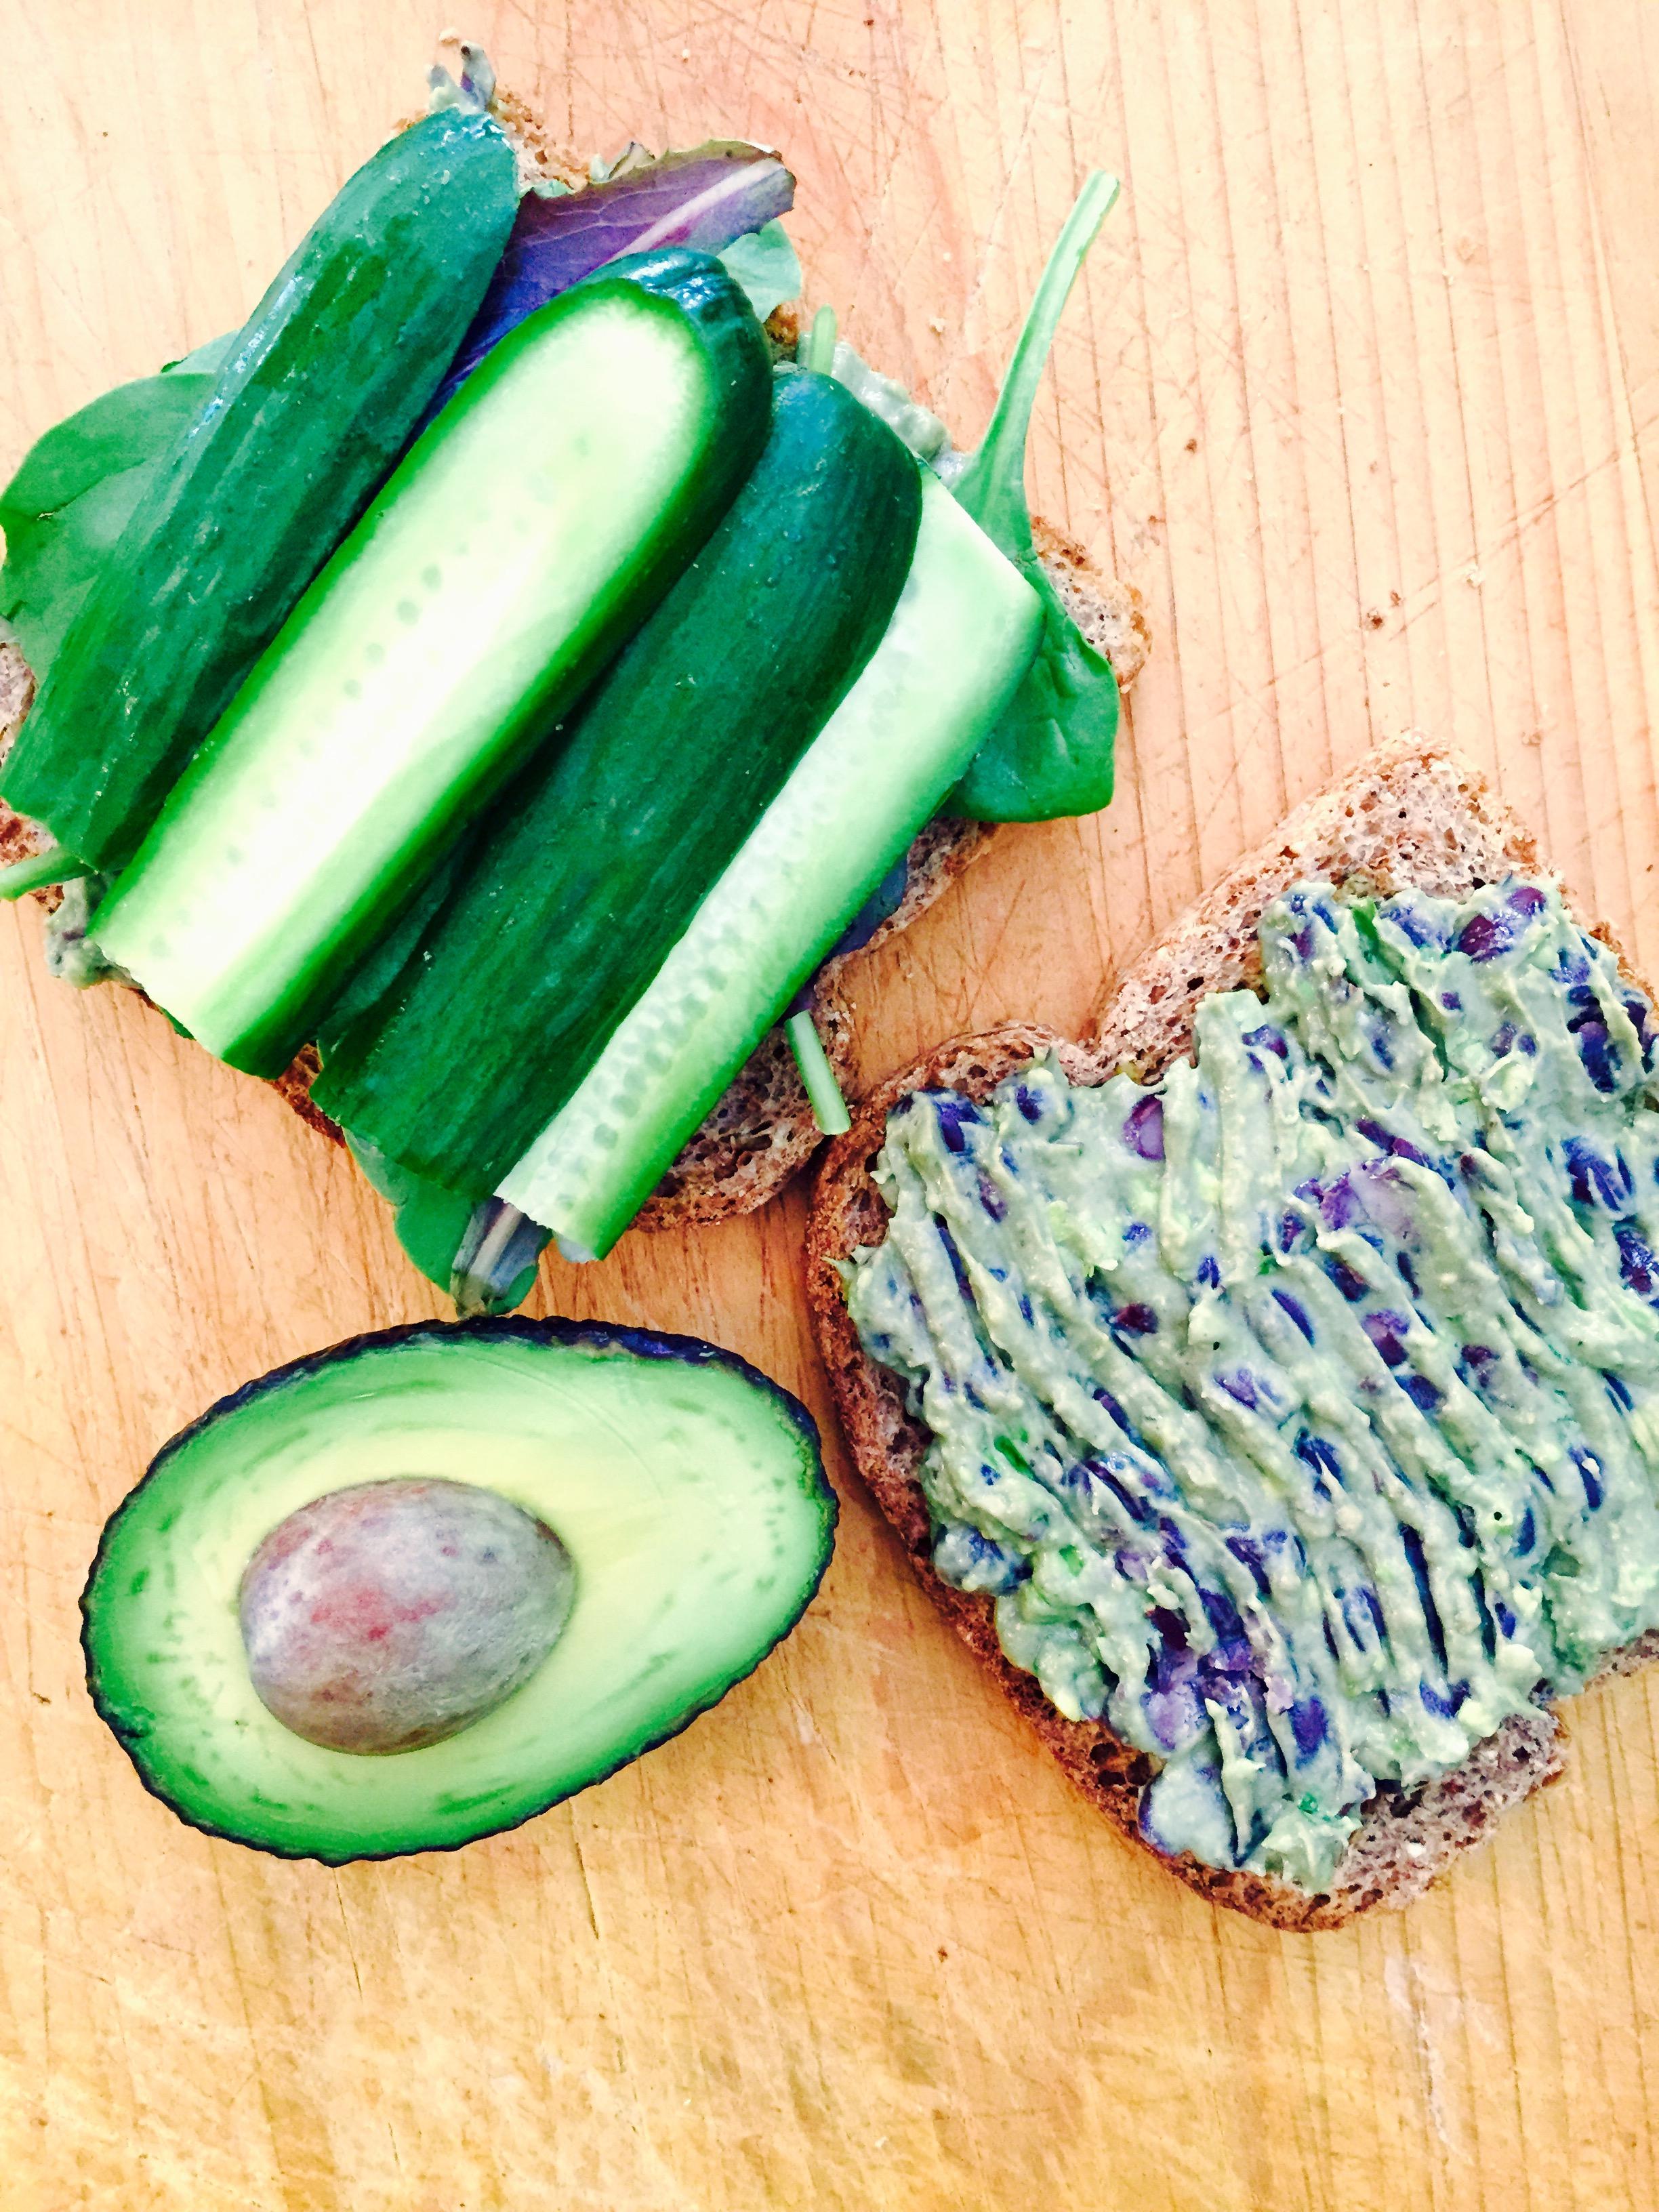 3-Ingredient Hummus (Vegan, GF)